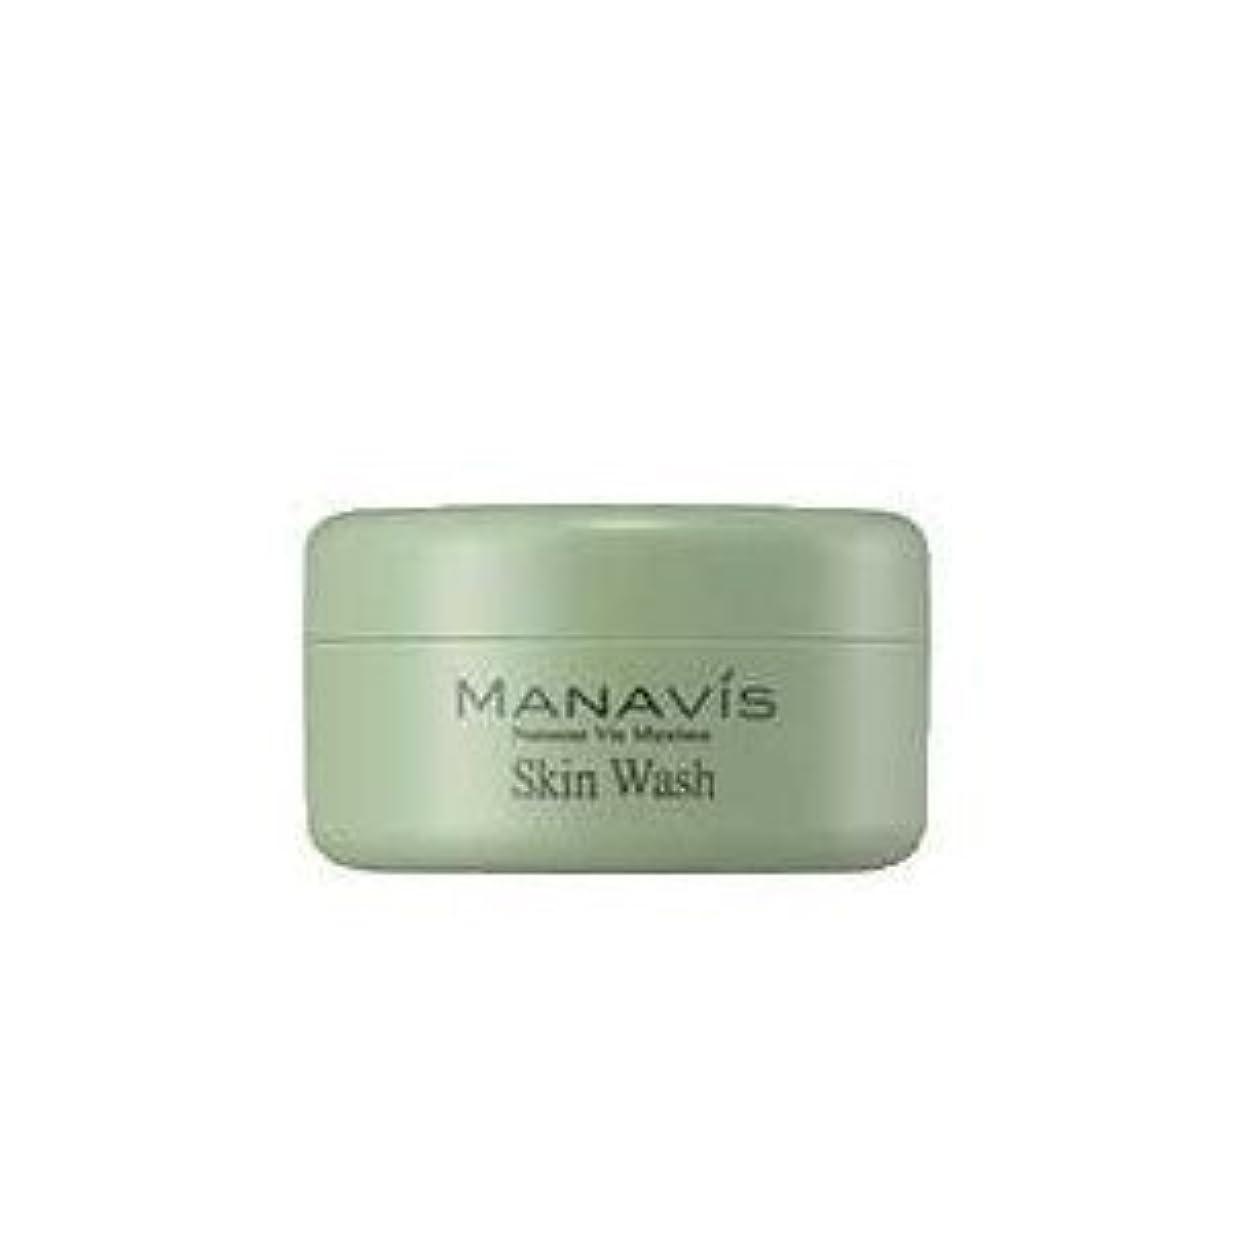 無し帰する中毒MANAVIS マナビス化粧品 薬用スキンウォッシュ d